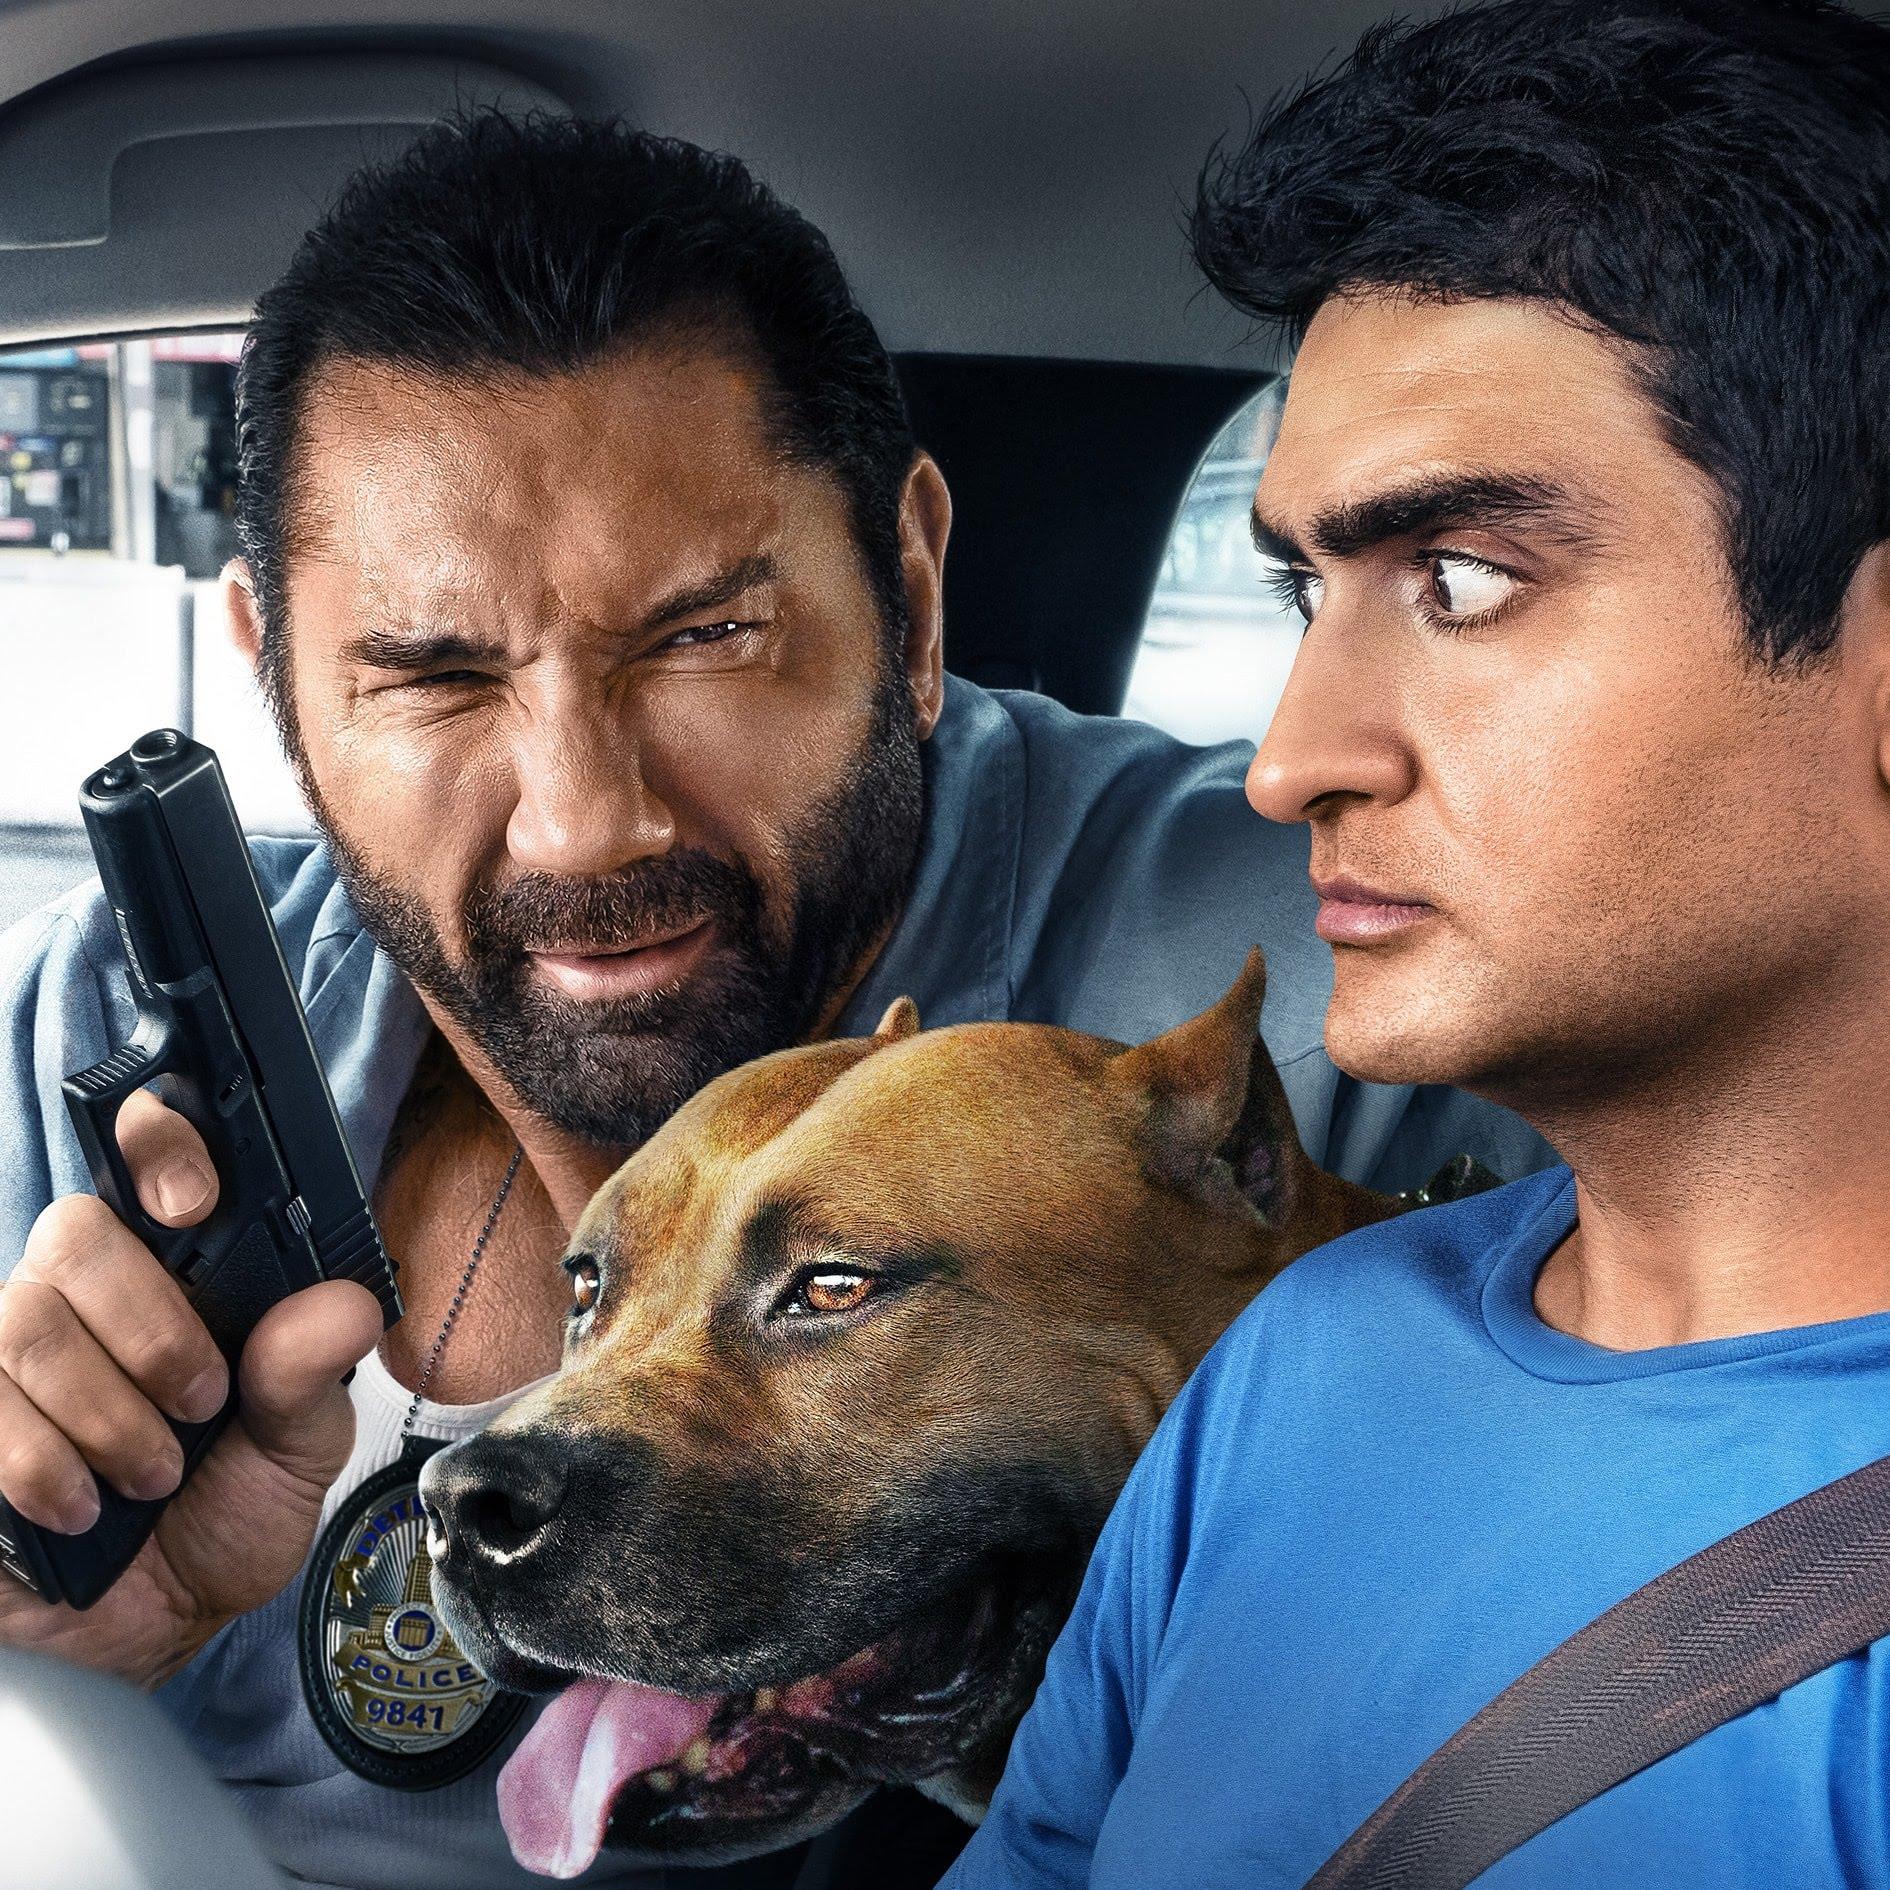 Stuber :「ガーディアンズ・オブ・ギャラクシー」のバティスタが演じるワイルドな刑事とお人好しの Uber 運転手のクメイル・ナンジアニが、「ザ・レイド」のイコ・ウワイス扮する凶悪犯を追うバディ・コメディのアクション映画「ステューバー」の予告編 ! !